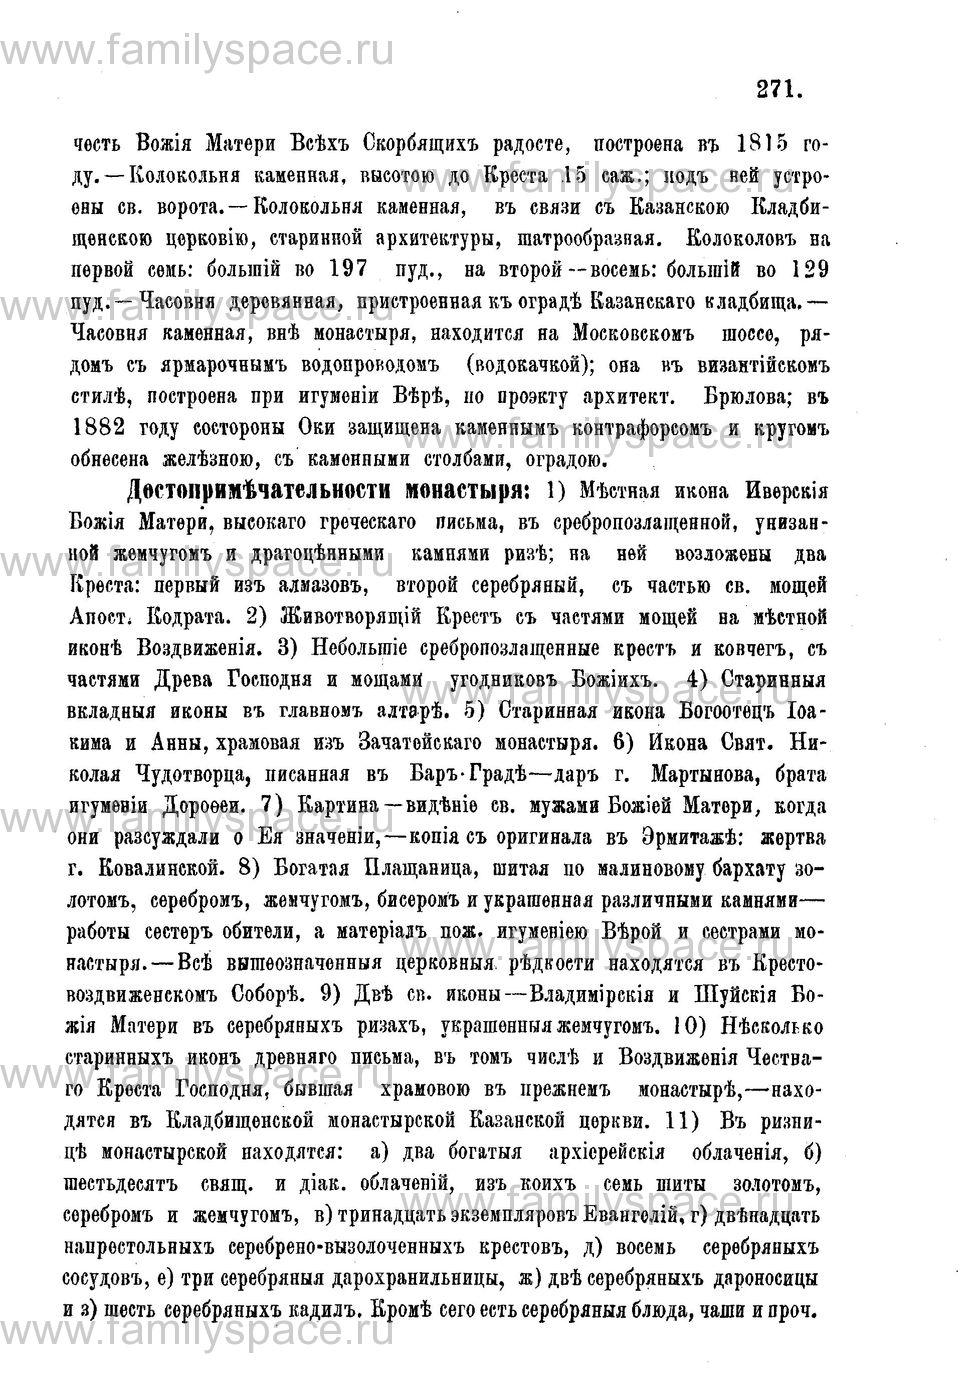 Поиск по фамилии - Адрес-календарь Нижегородской епархии на 1888 год, страница 1271